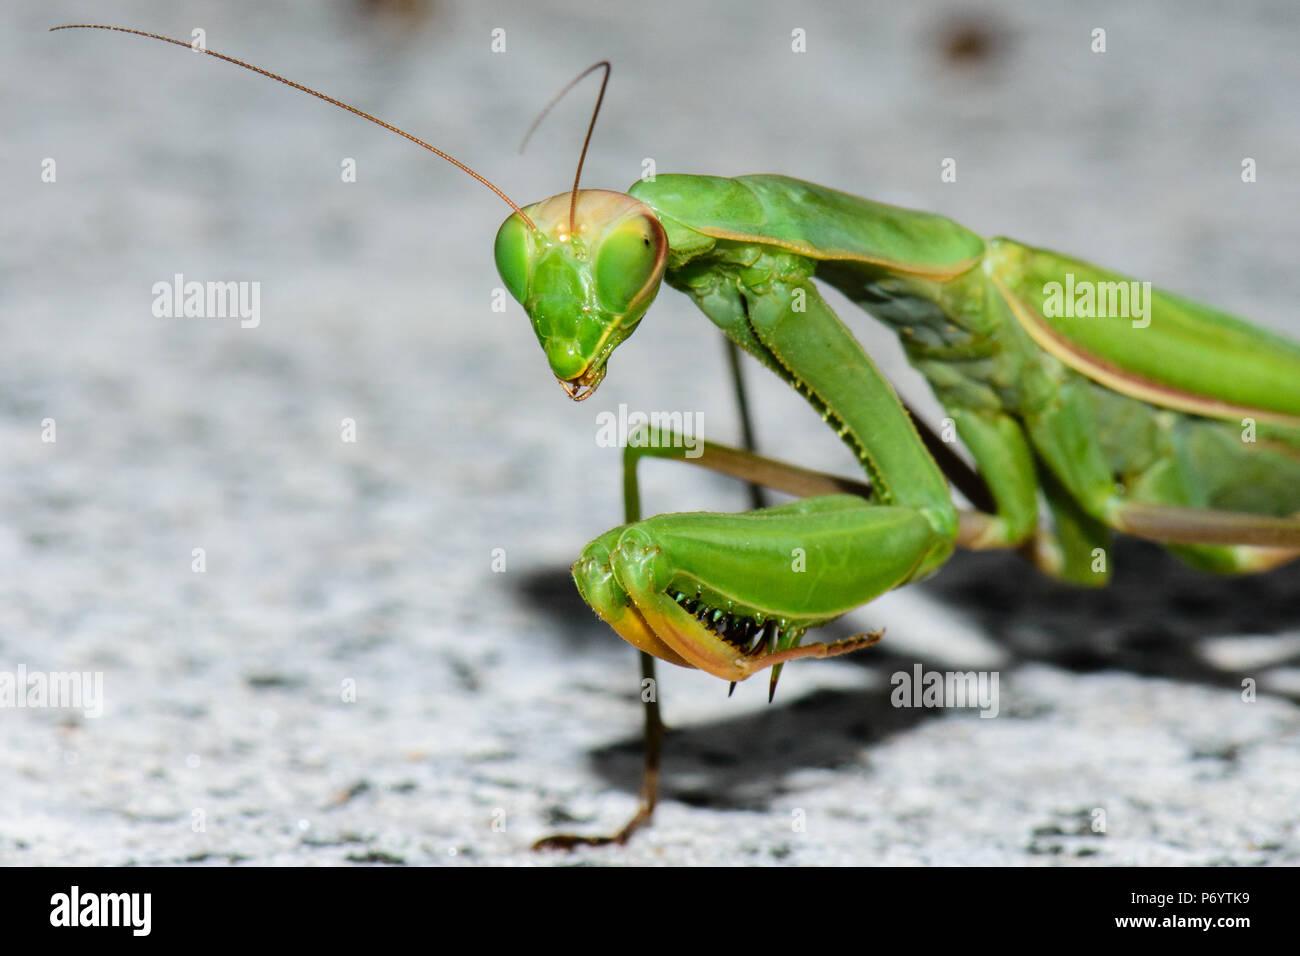 La faune naturelle extérieure couleur close up macro photographie d'une mante religieuse verte simple isolée sur un fond pierreux Banque D'Images